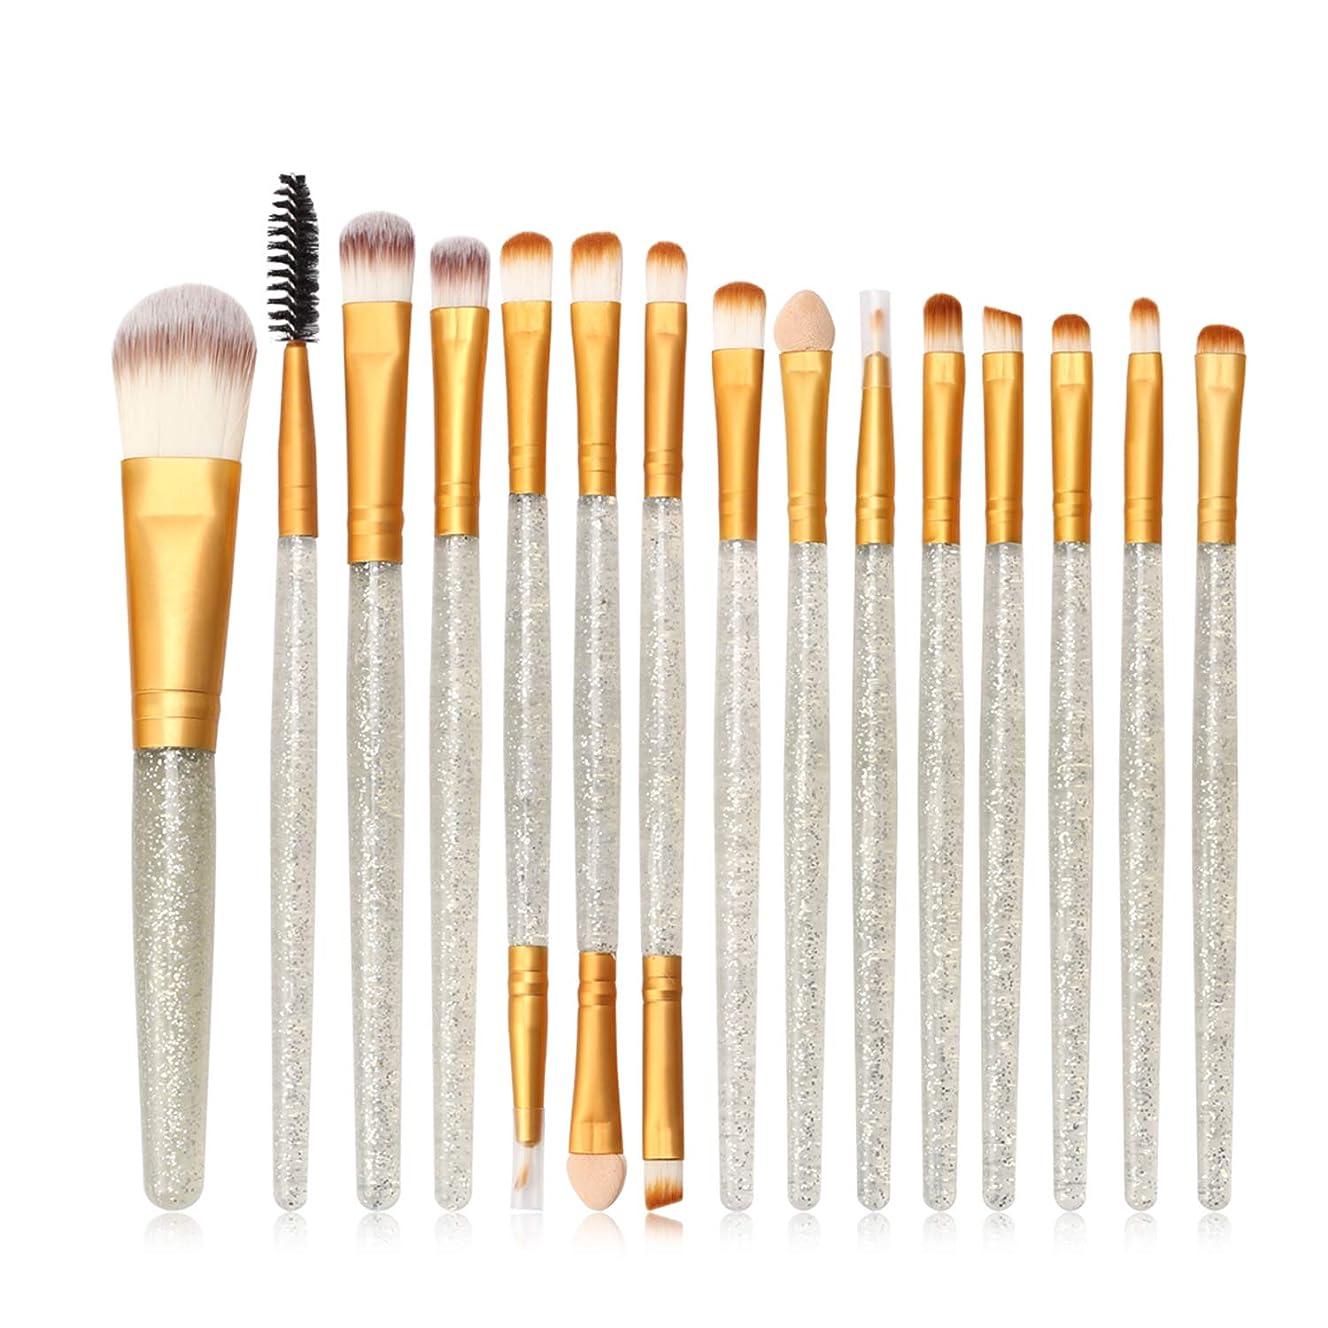 クライマックス受け入れ置くためにパックVtrem メイクブラシ やわらかい 化粧 ブラシ 15本セット アイシャドウ ブラシ セット ファンデーションブラシ アイライナーブラシ Eye-Shadow Brushes Foundation brush プロ用 初心者用 収納ケース付き